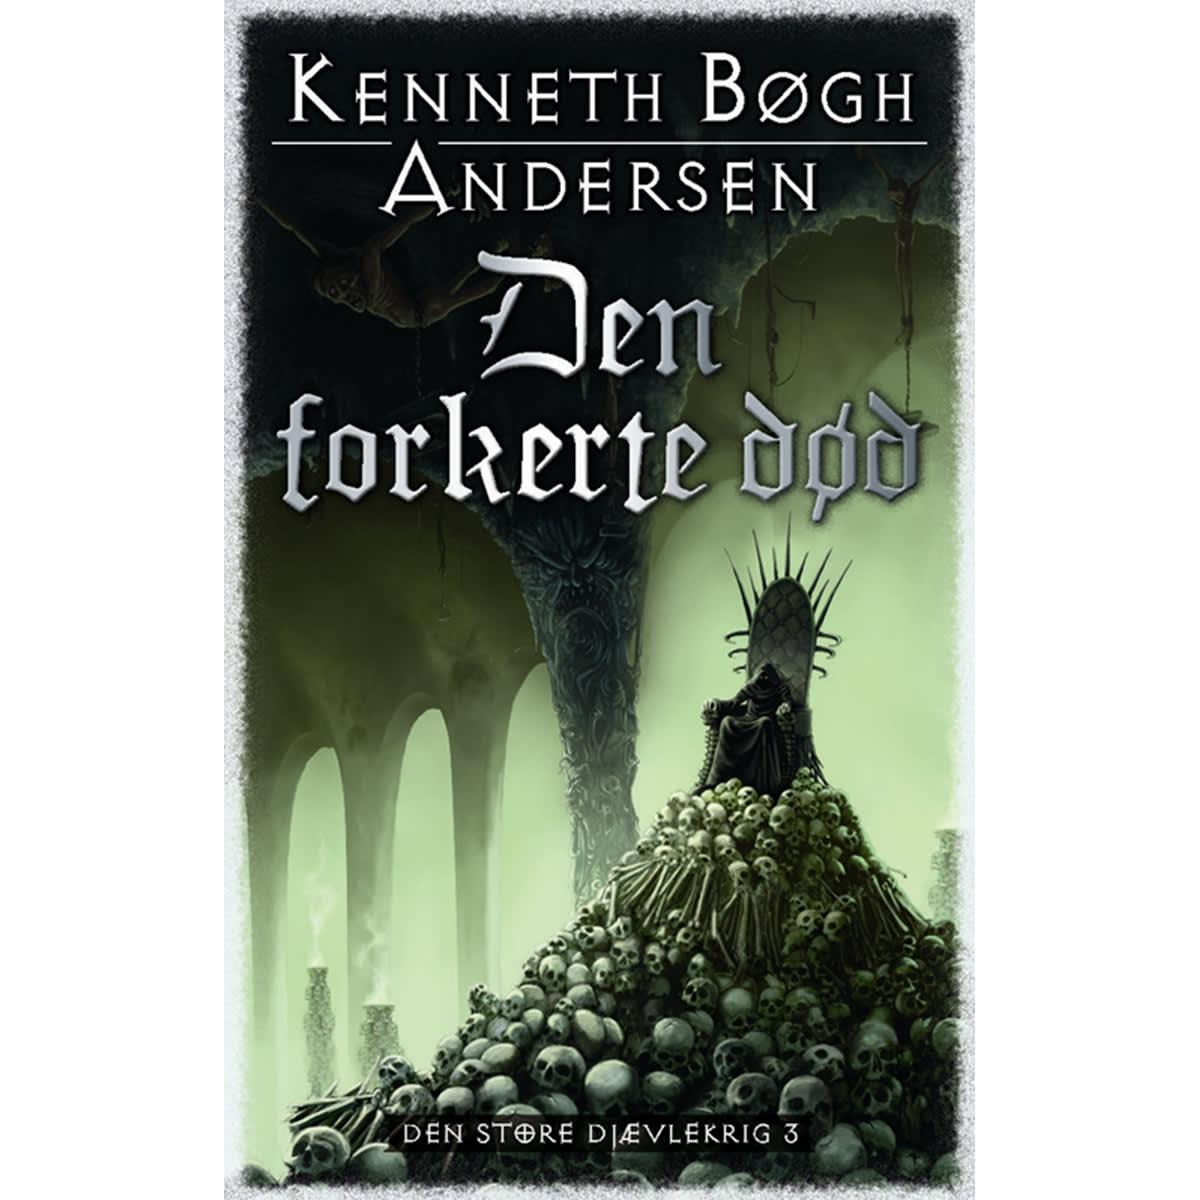 Af Kenneth Bøgh Andersen